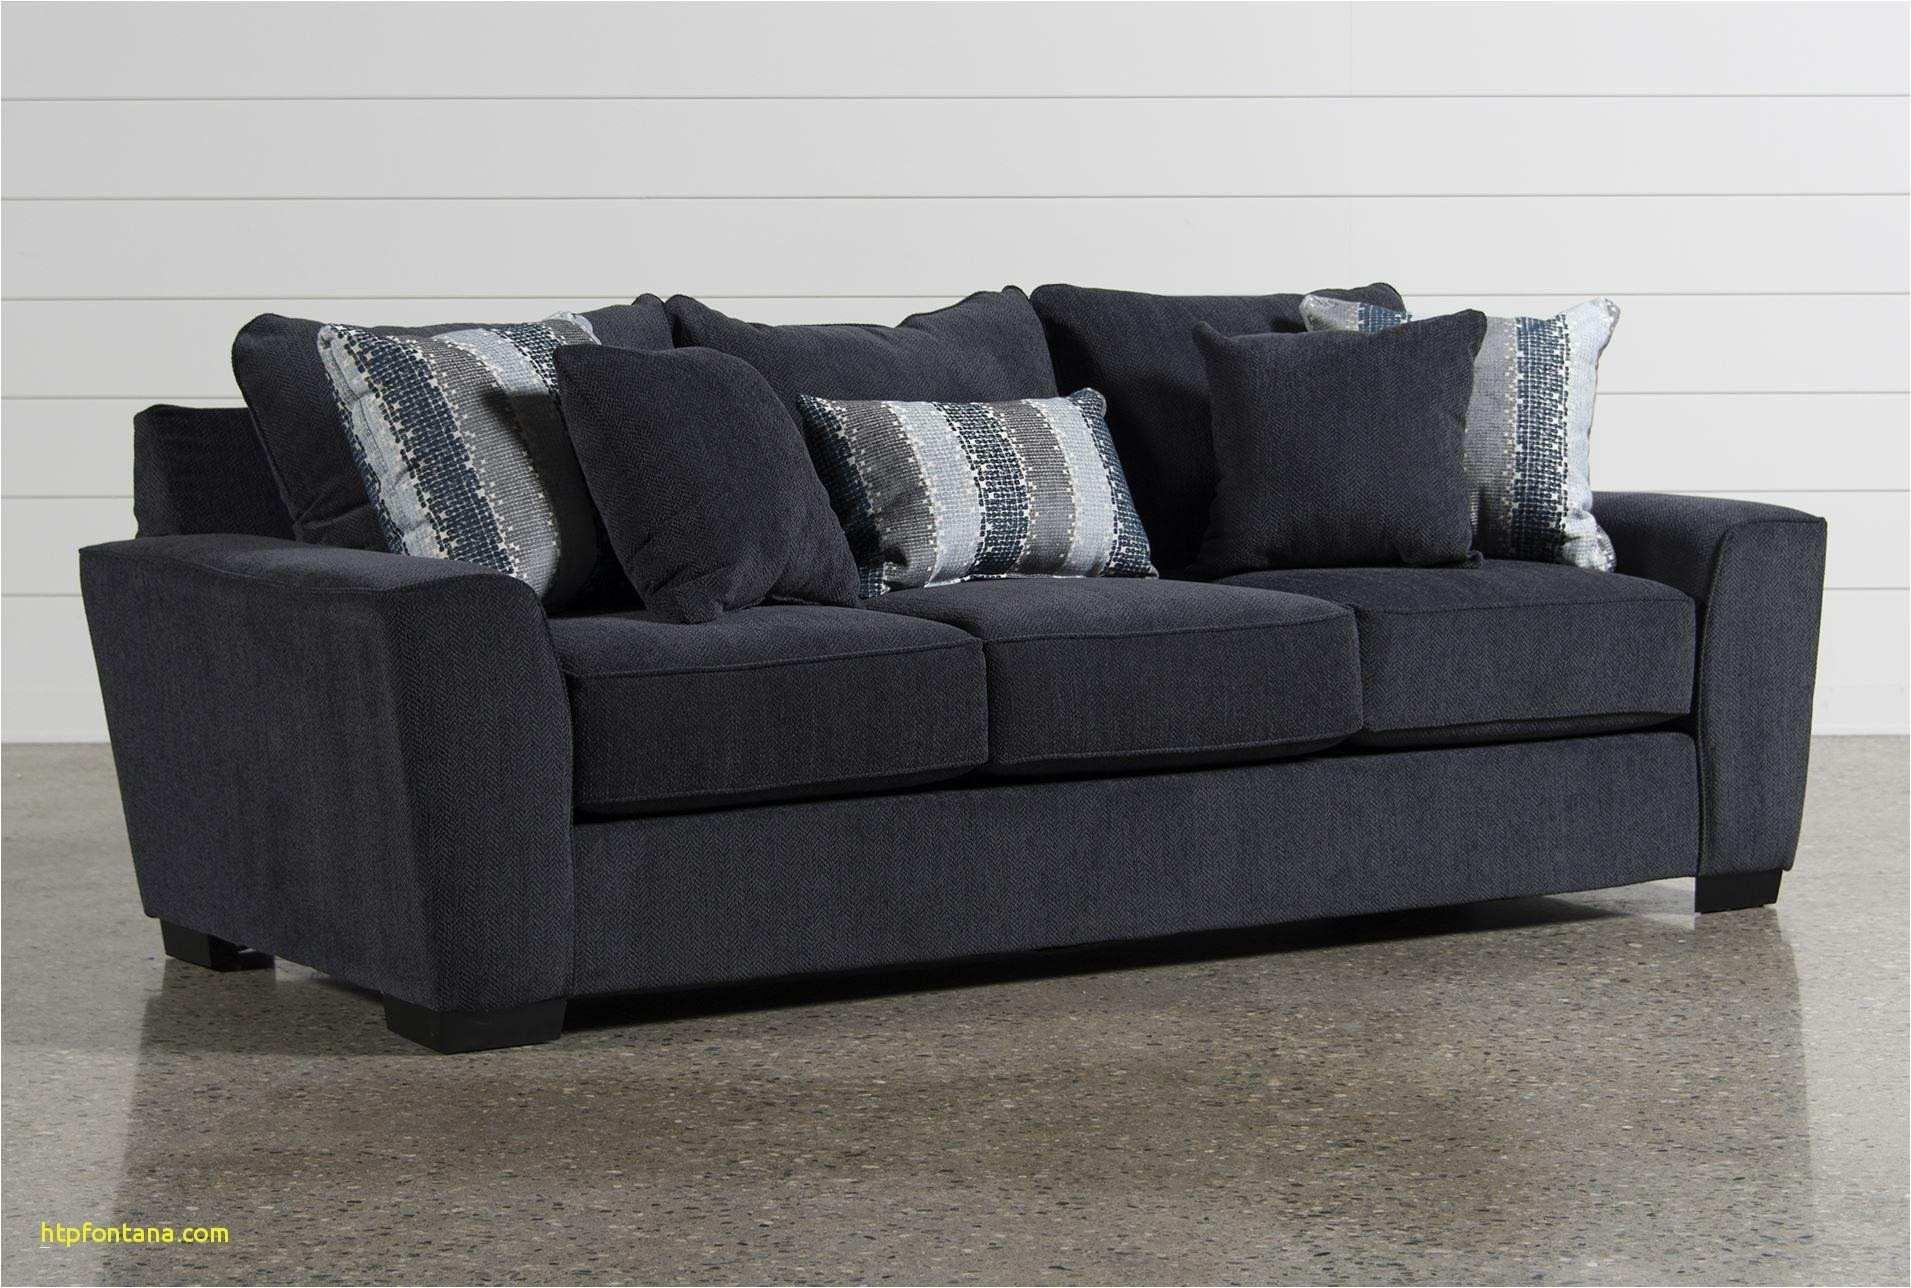 Full Size of Sofa In Grau Neu Smart Elegant Schlafsofa Couch Leder Big Mit Schlaffunktion Leinen Braun Garnitur 3 Teilig 2 Sitzer Bett Flexform 1 Canape Grün Günstig De Sofa Big Sofa Grau